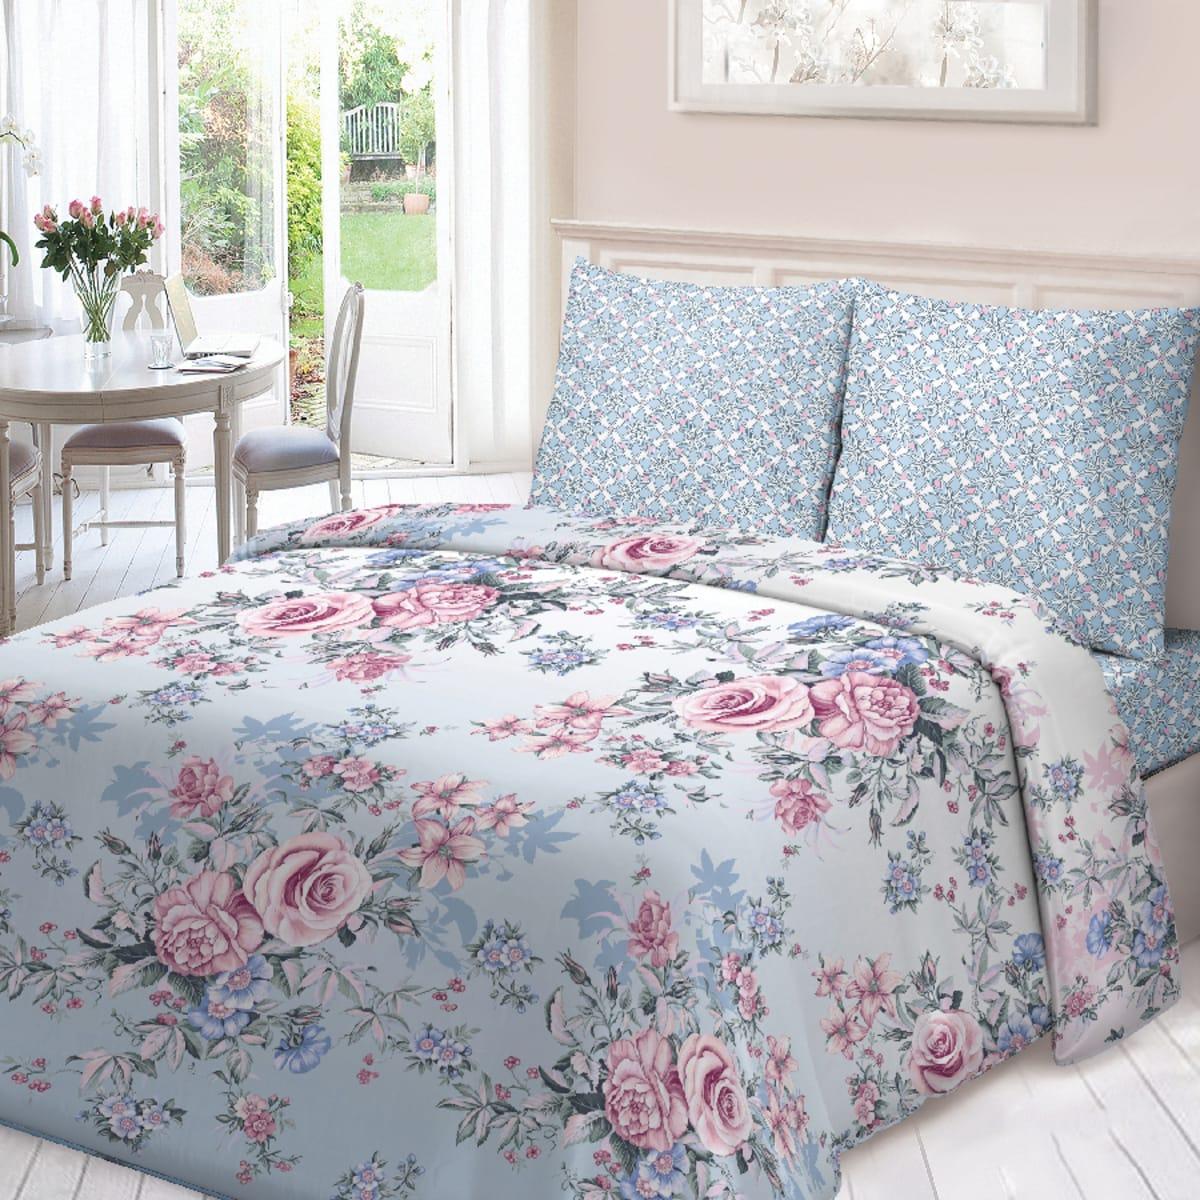 Комплект постельного белья «Примавера» двуспальный, поплин